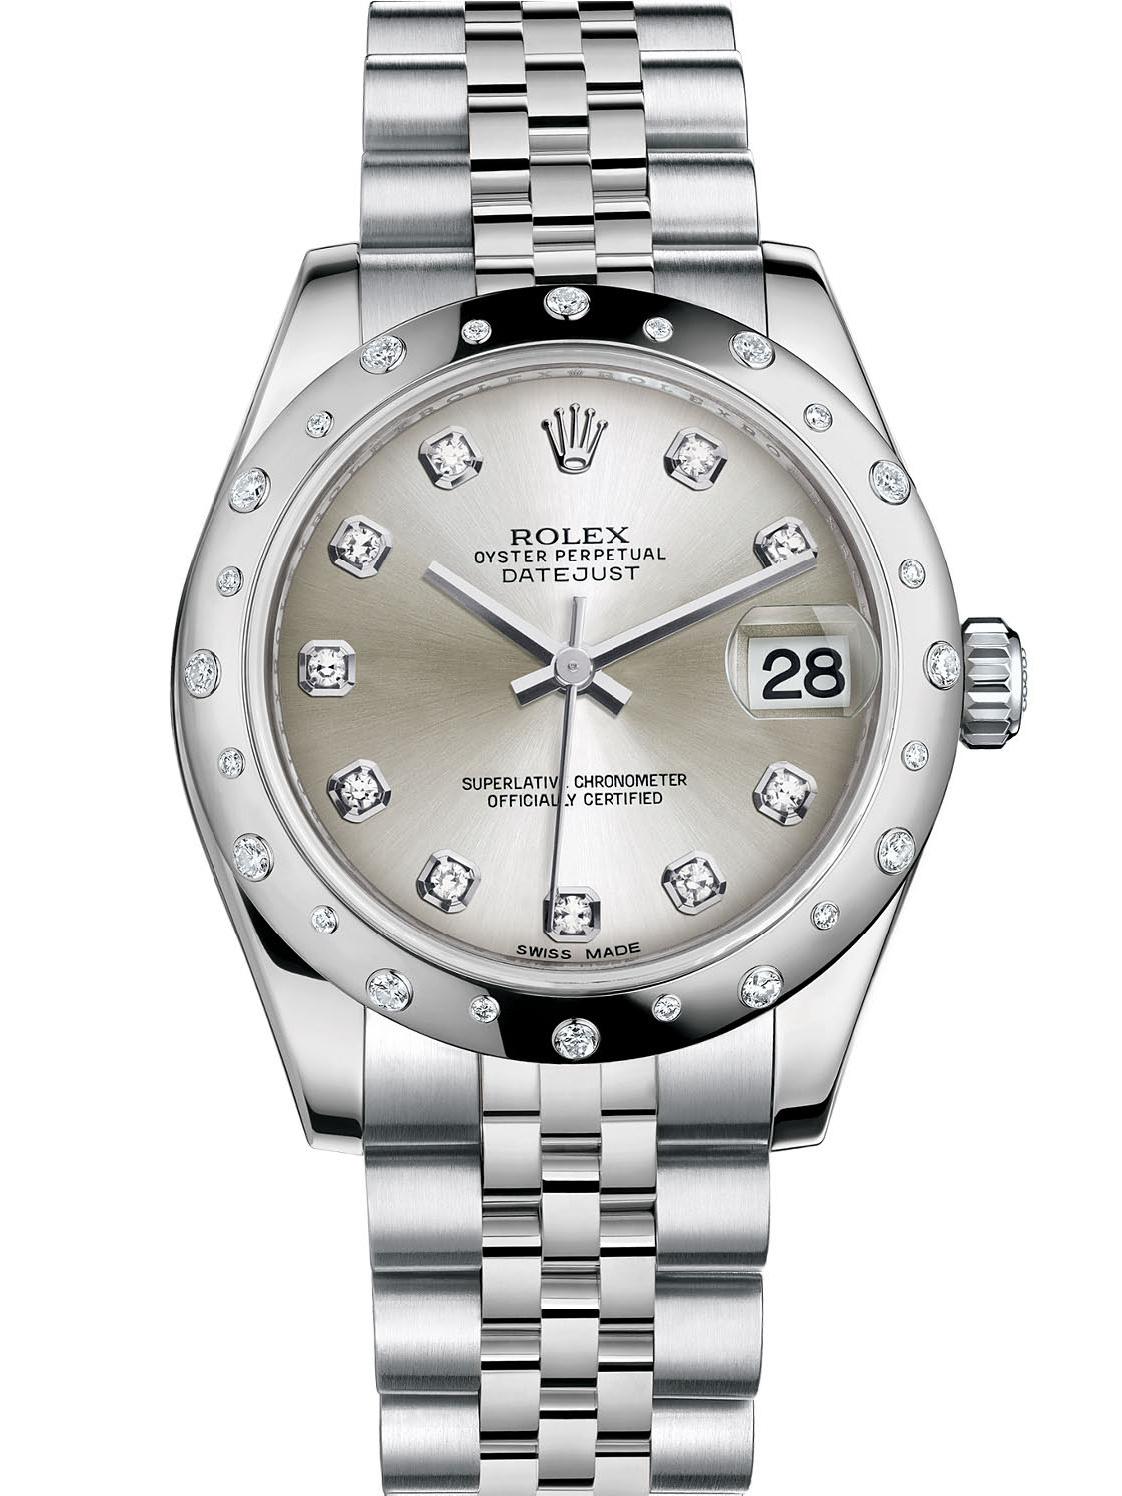 劳力士女装日志型31白金钢光圈镶钻银面钻标女表178344-0060